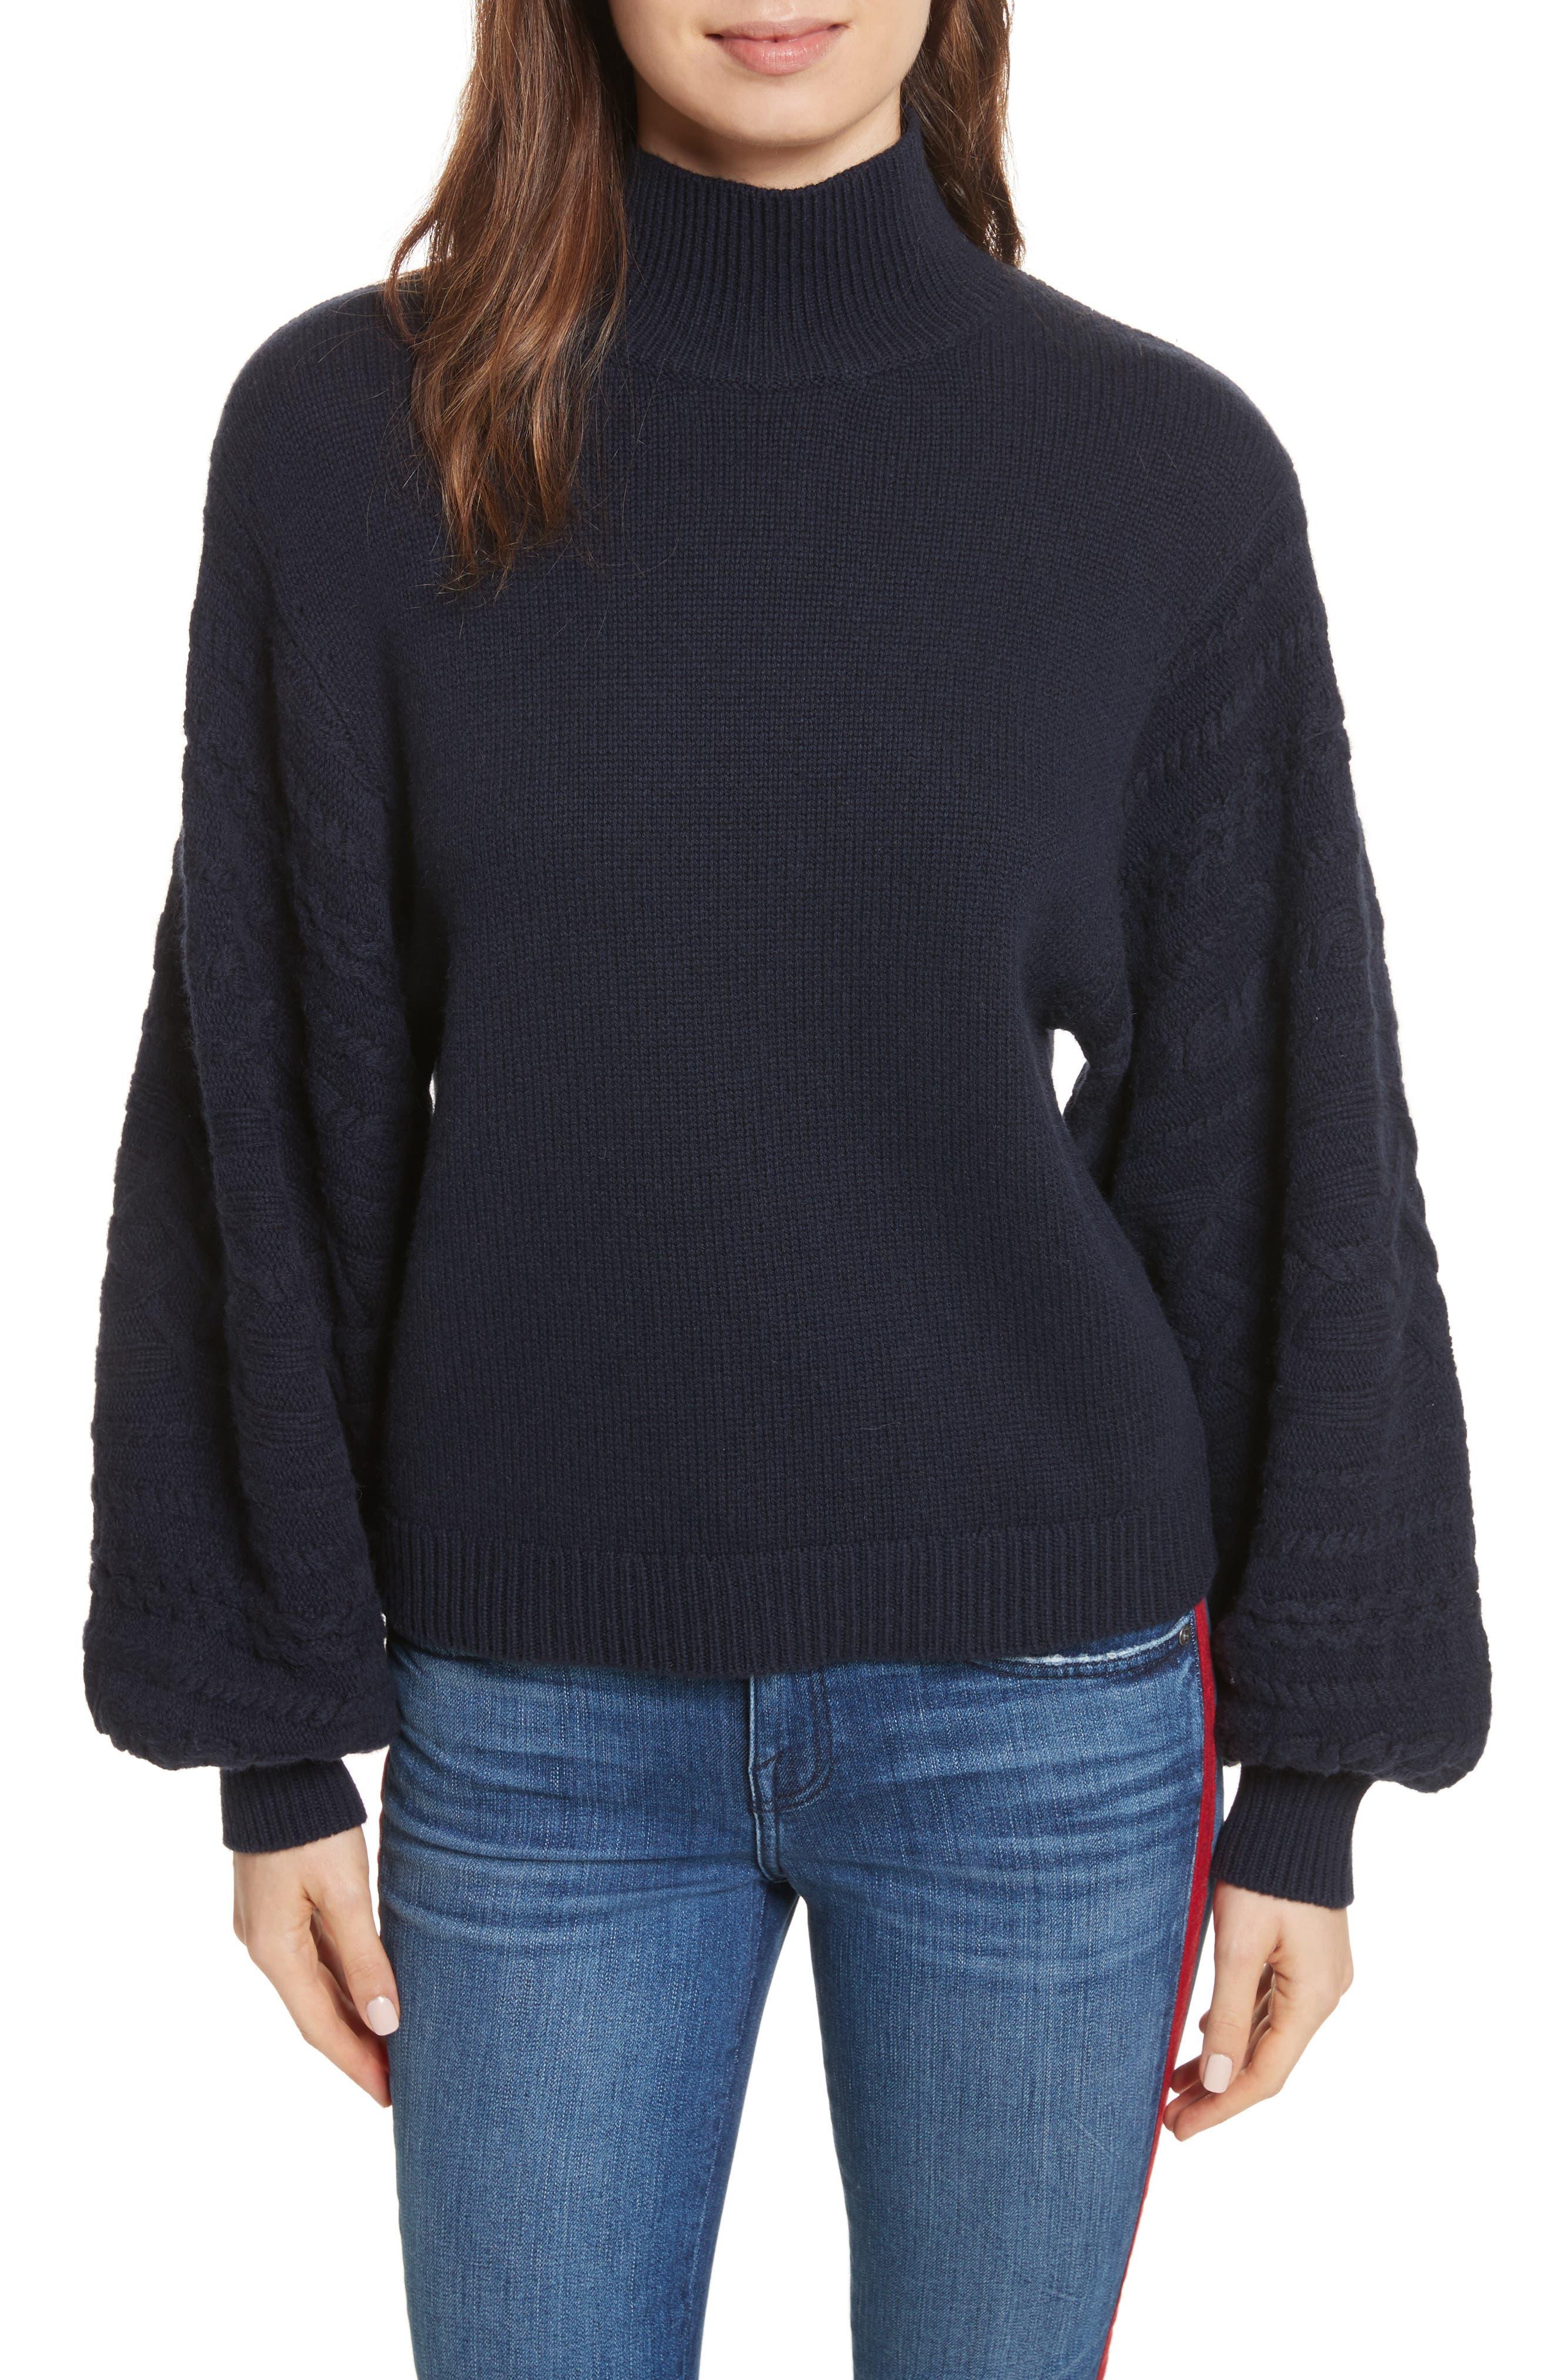 Joie Lathen Mock Neck Sweater